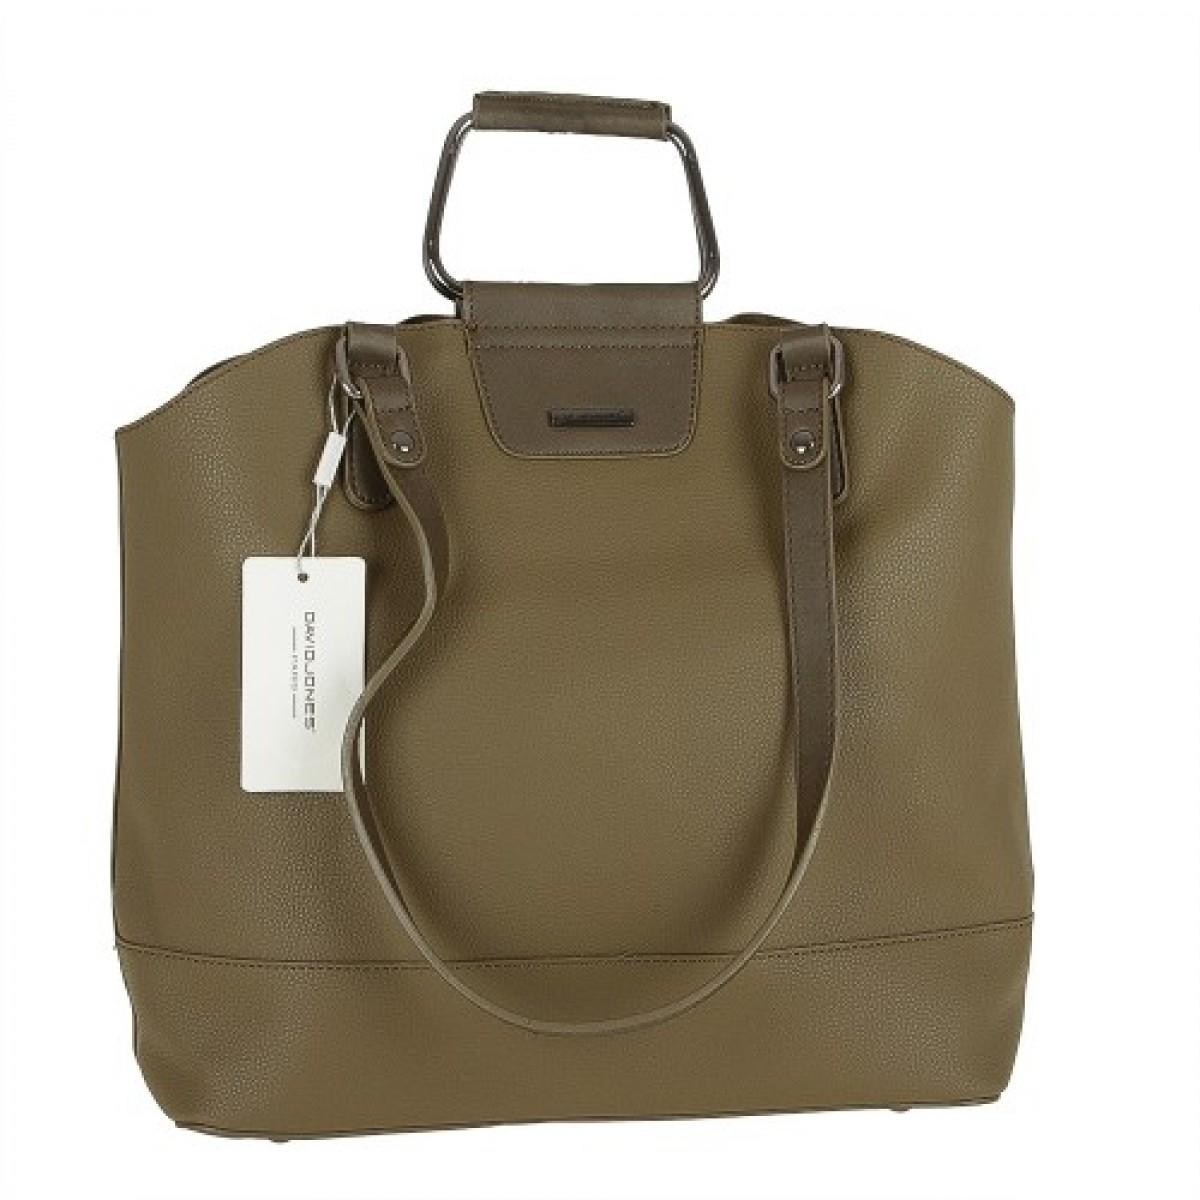 Жіноча сумка David Jones CM3524 KHAKI